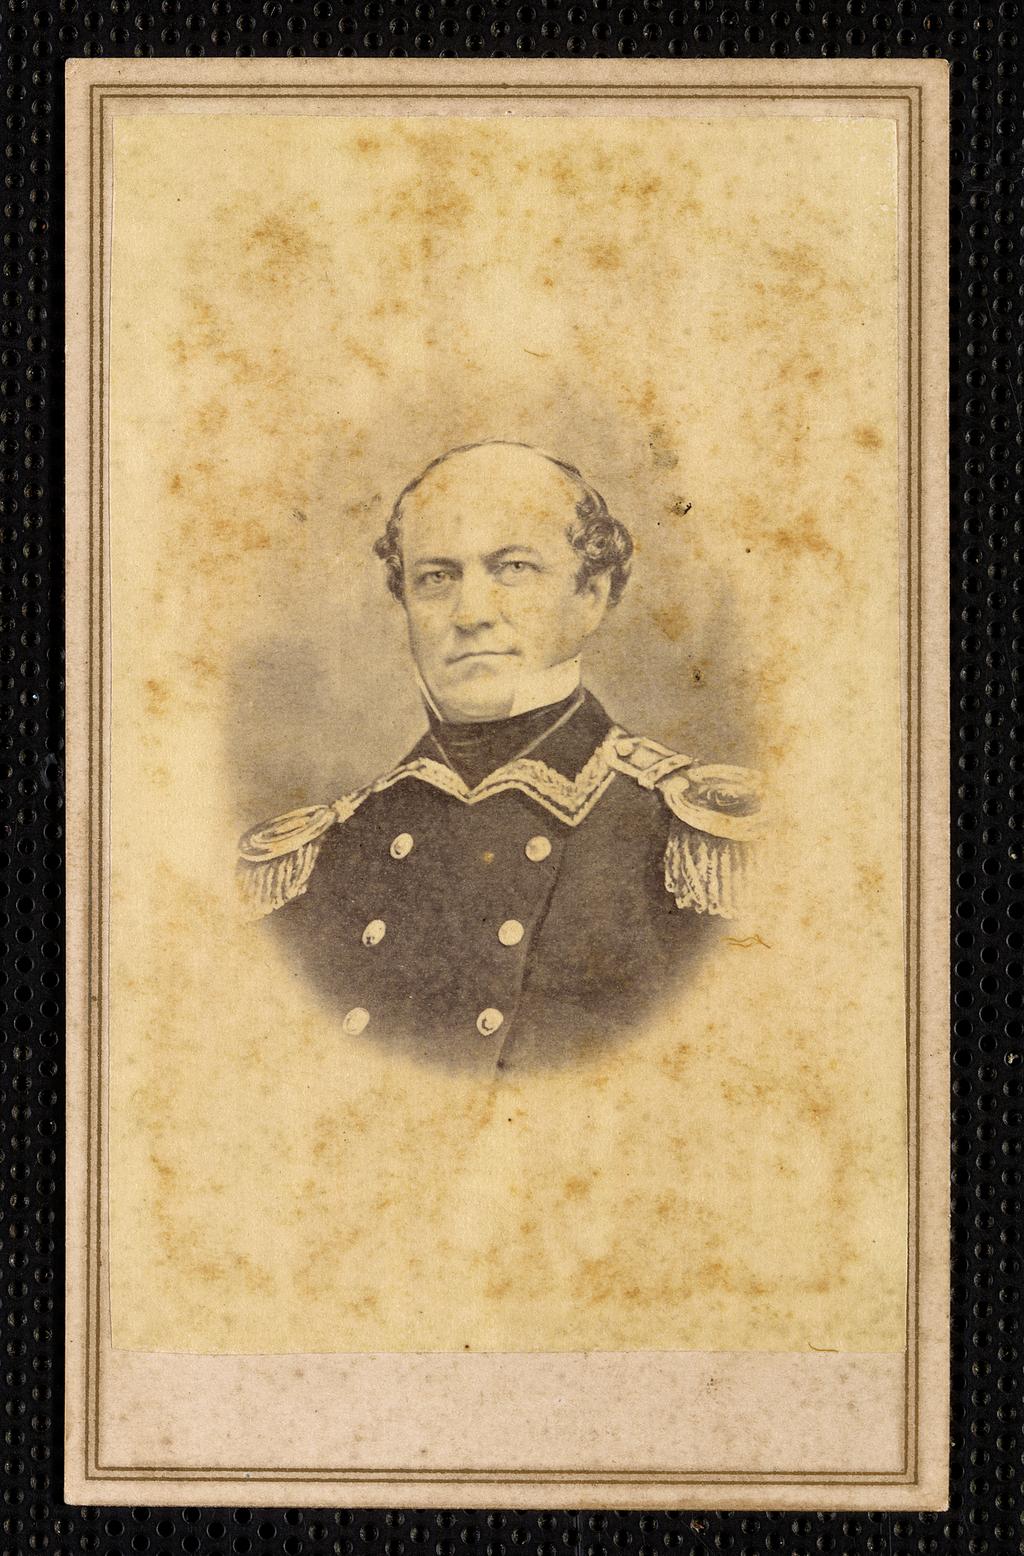 Бригадный генерал Джеймс Саймонс, Конфедеративные Штаты Америки